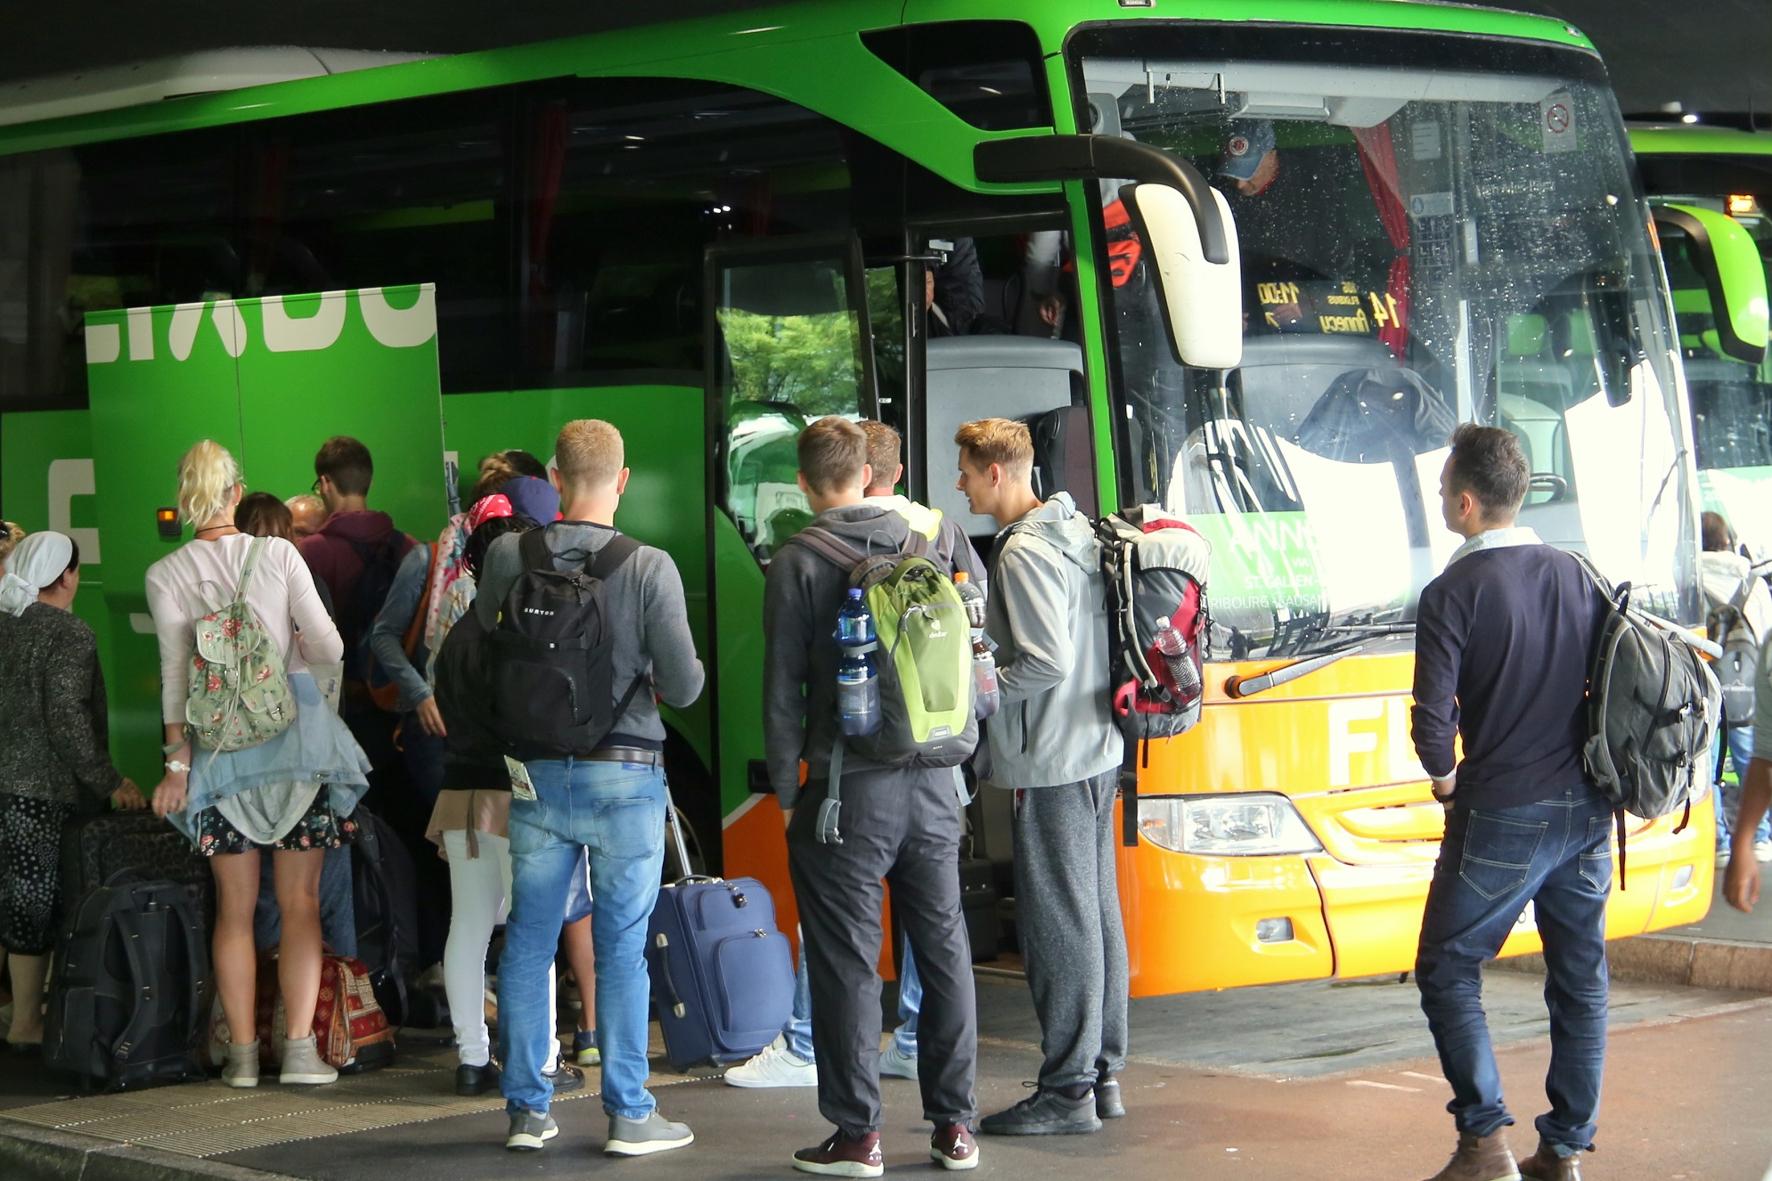 mid Groß-Gerau - Reisen mit dem Fernbus sind bei Jung und Alt beliebt. FlixBus